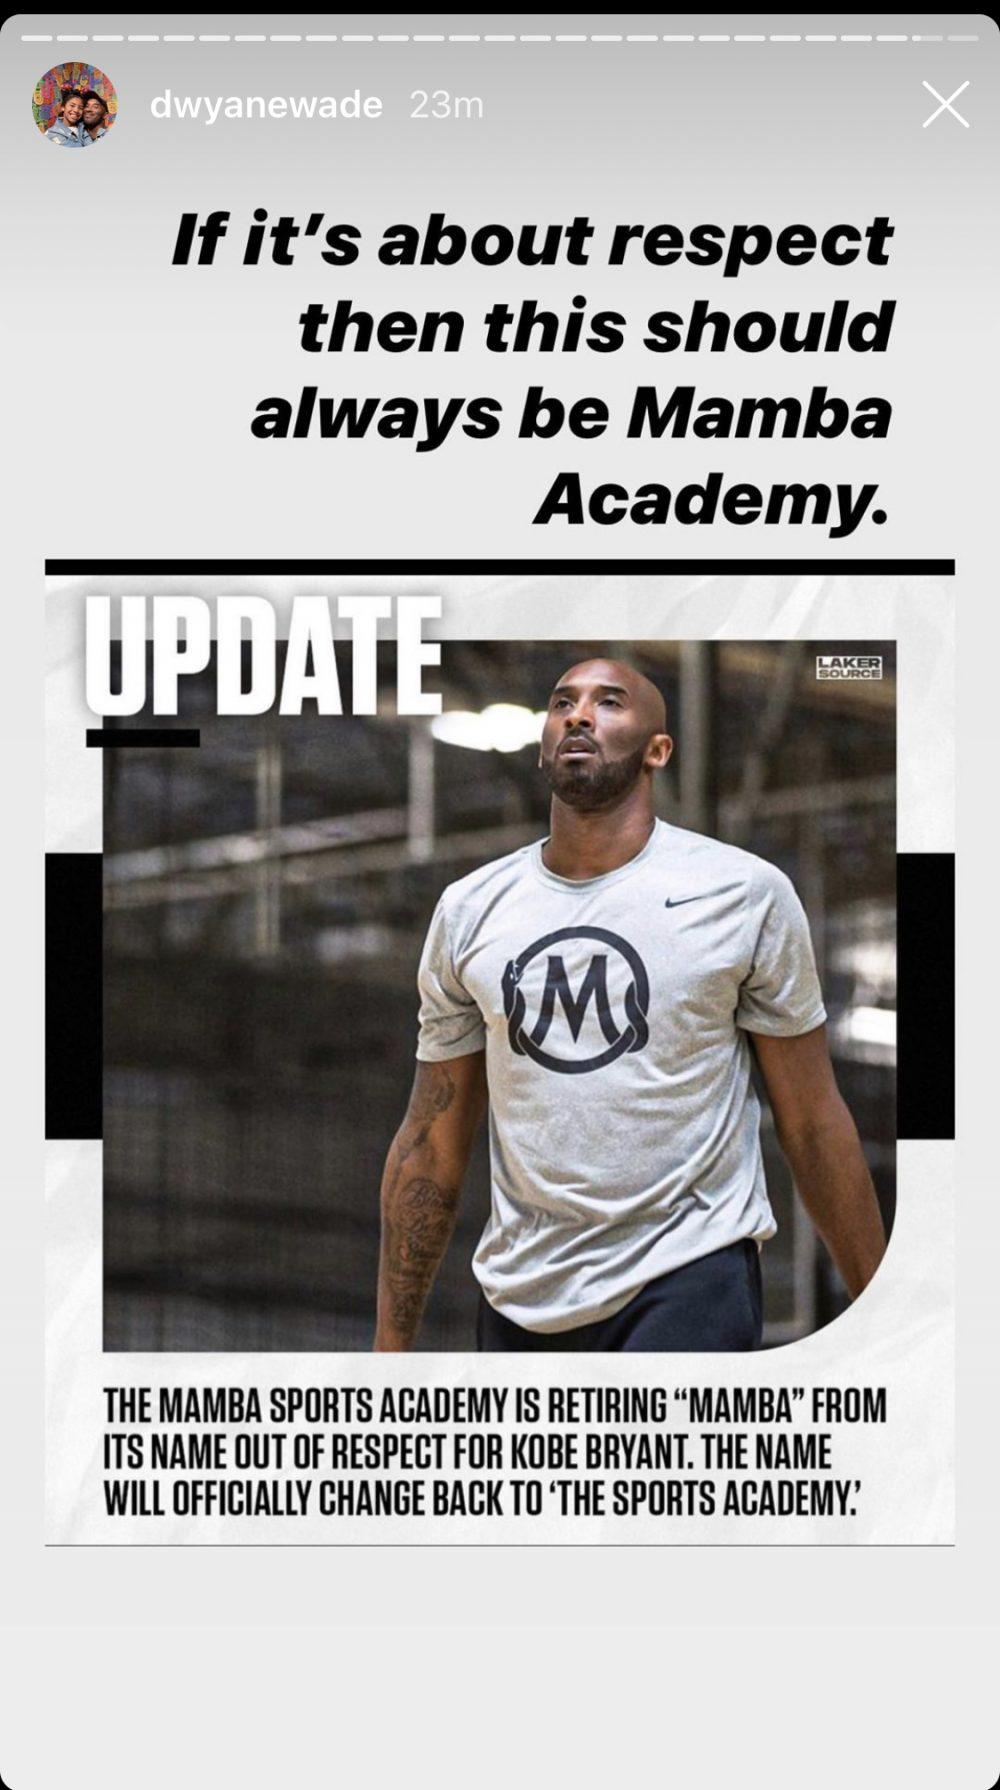 Dwyane Wade Mamba Sports Academy